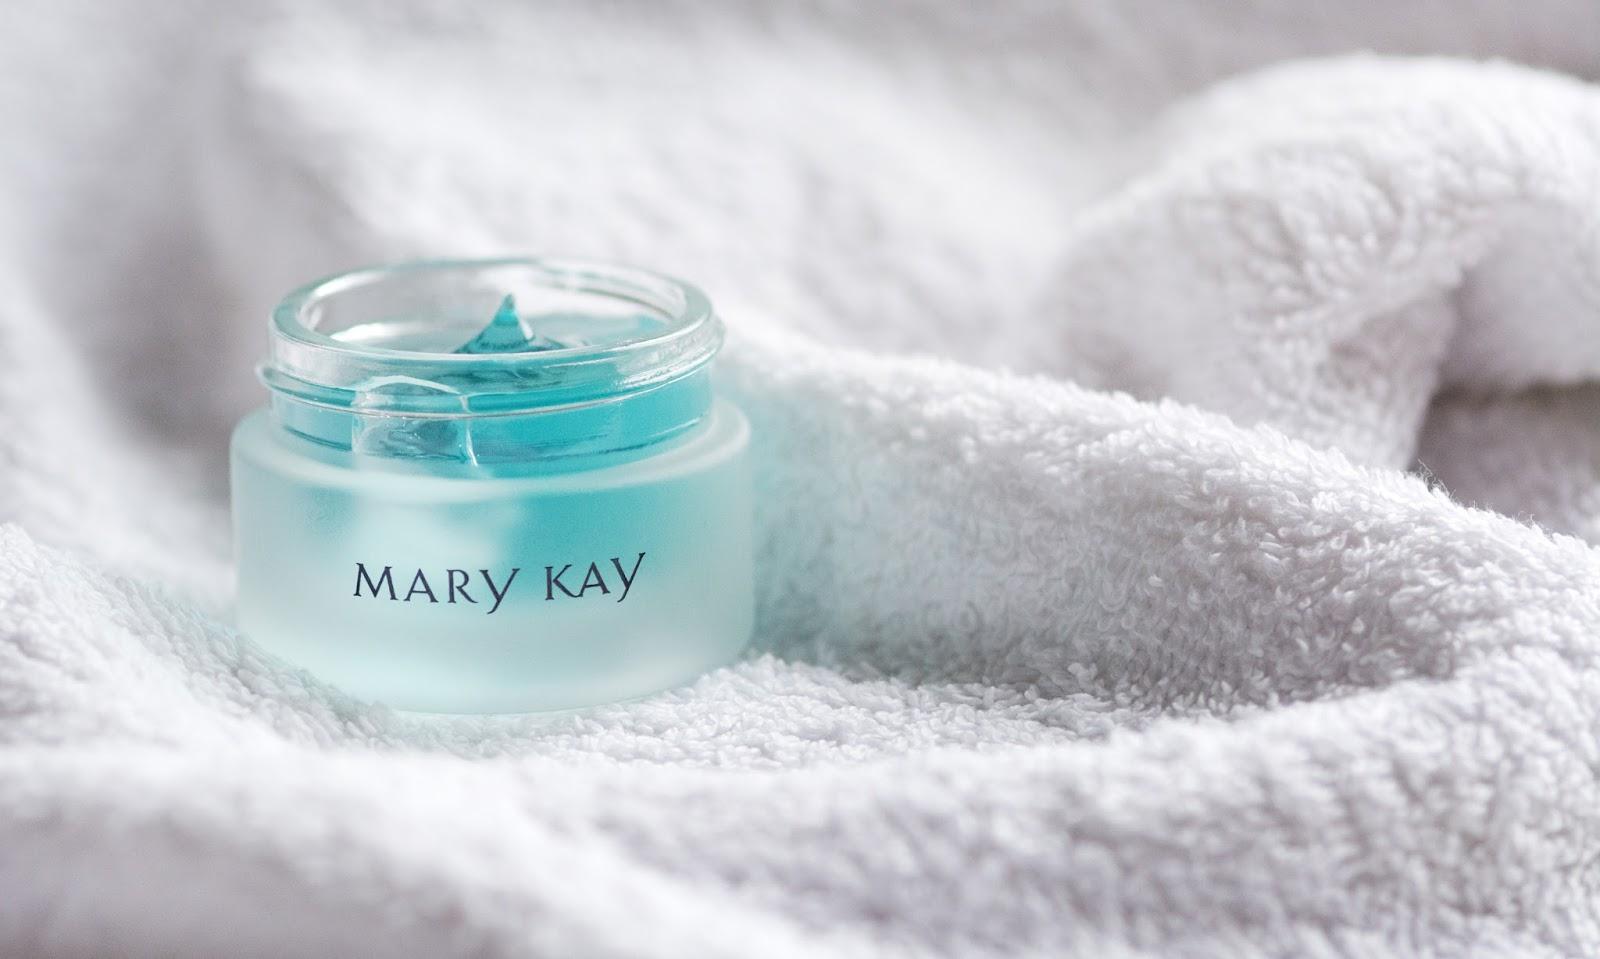 Mary Kay Увлажняющий гель для кожи вокруг глаз отзывы